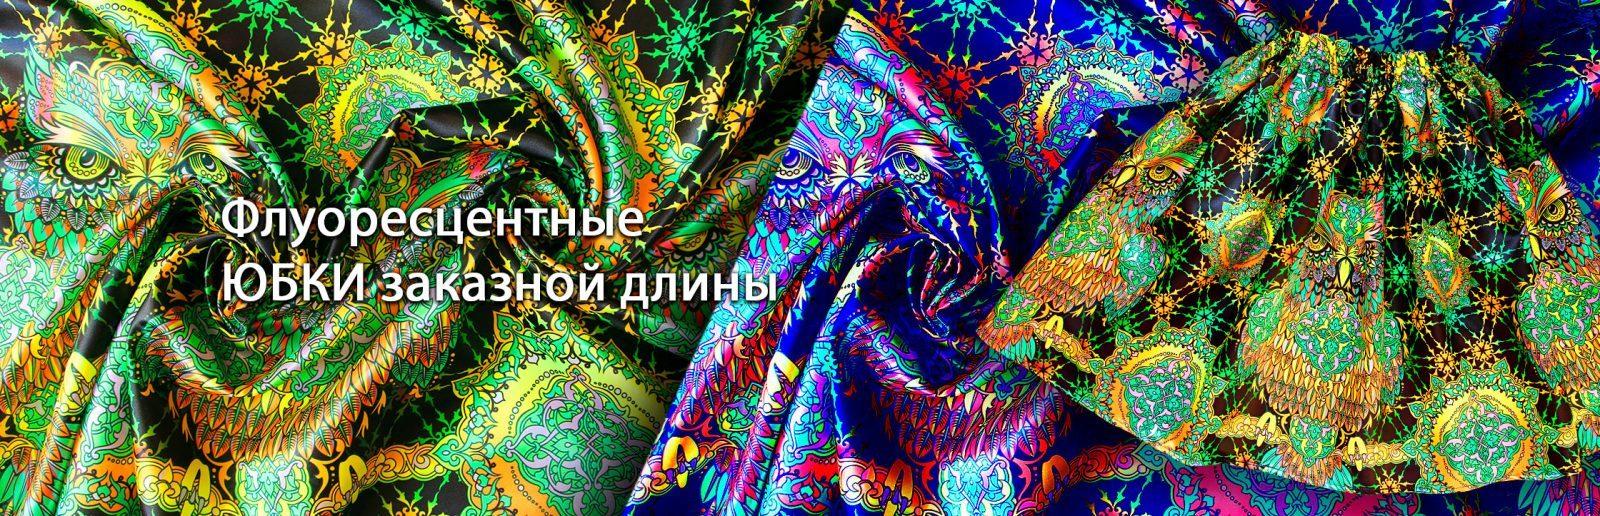 Флуоресцентные юбки